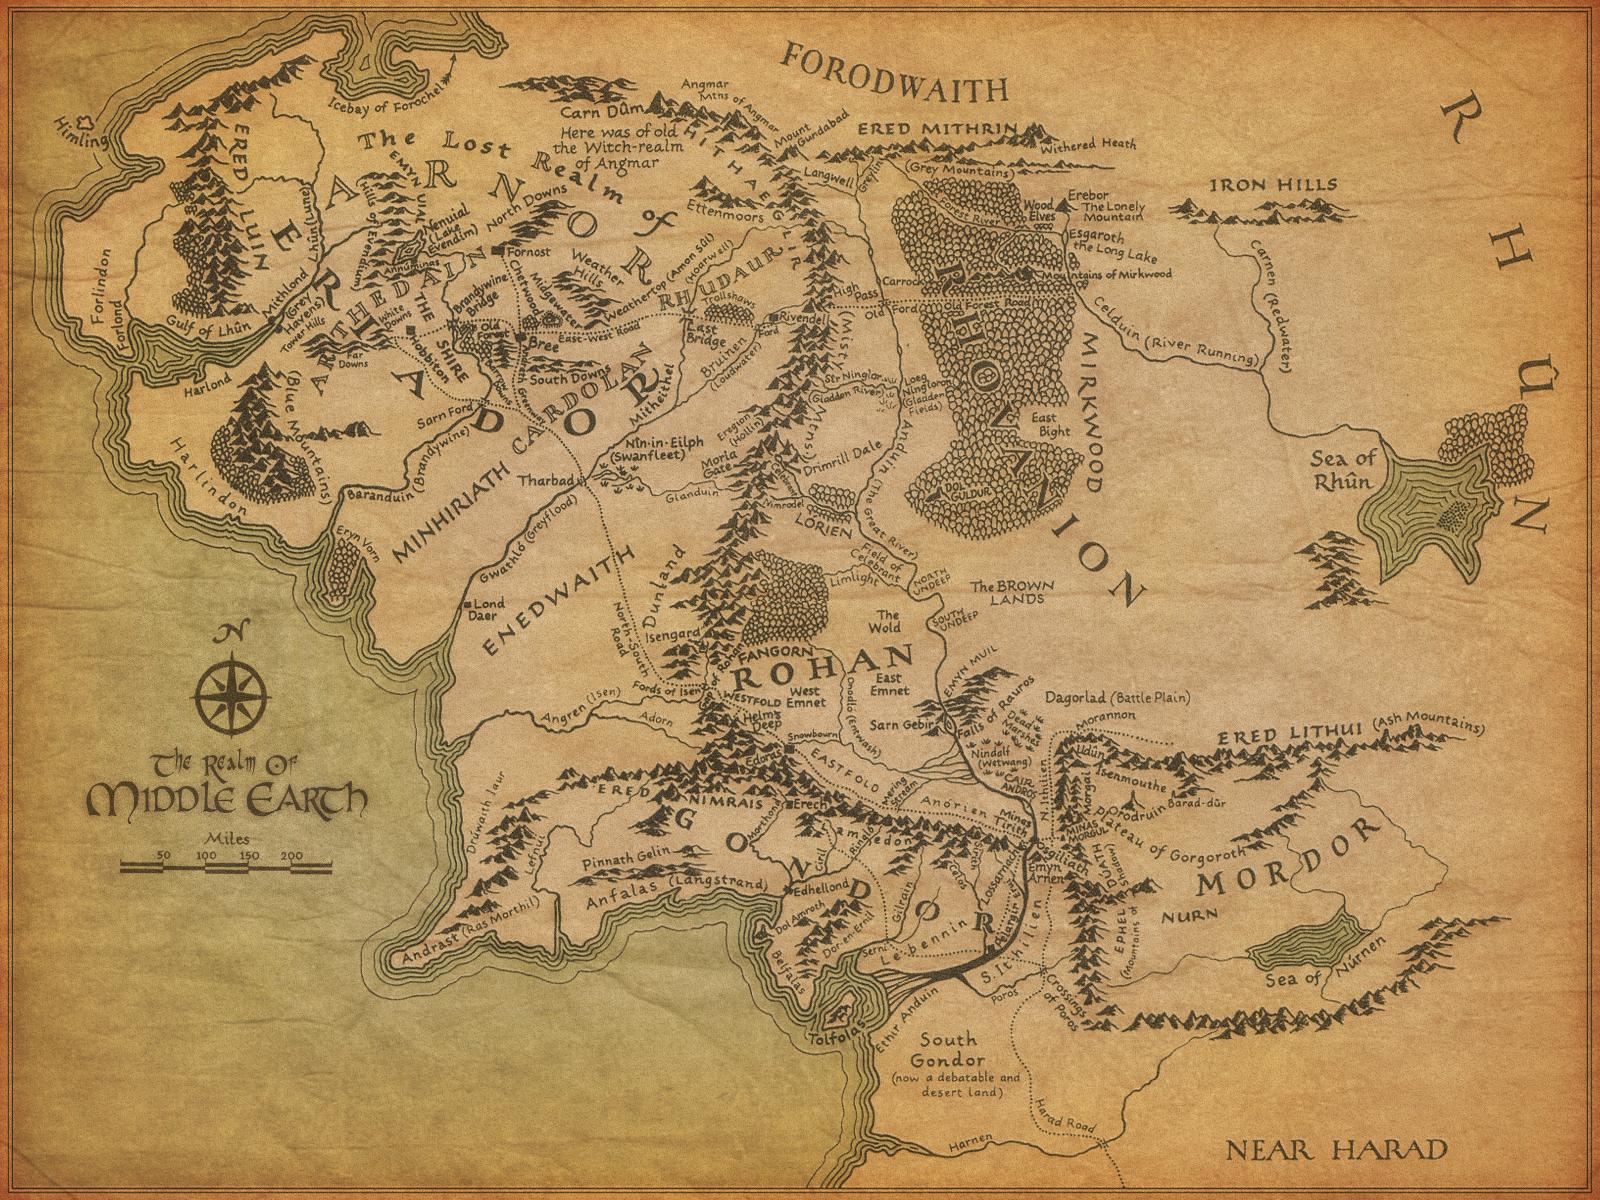 https://i1.wp.com/blog.lefigaro.fr/hightech/middle-earth-map.jpg